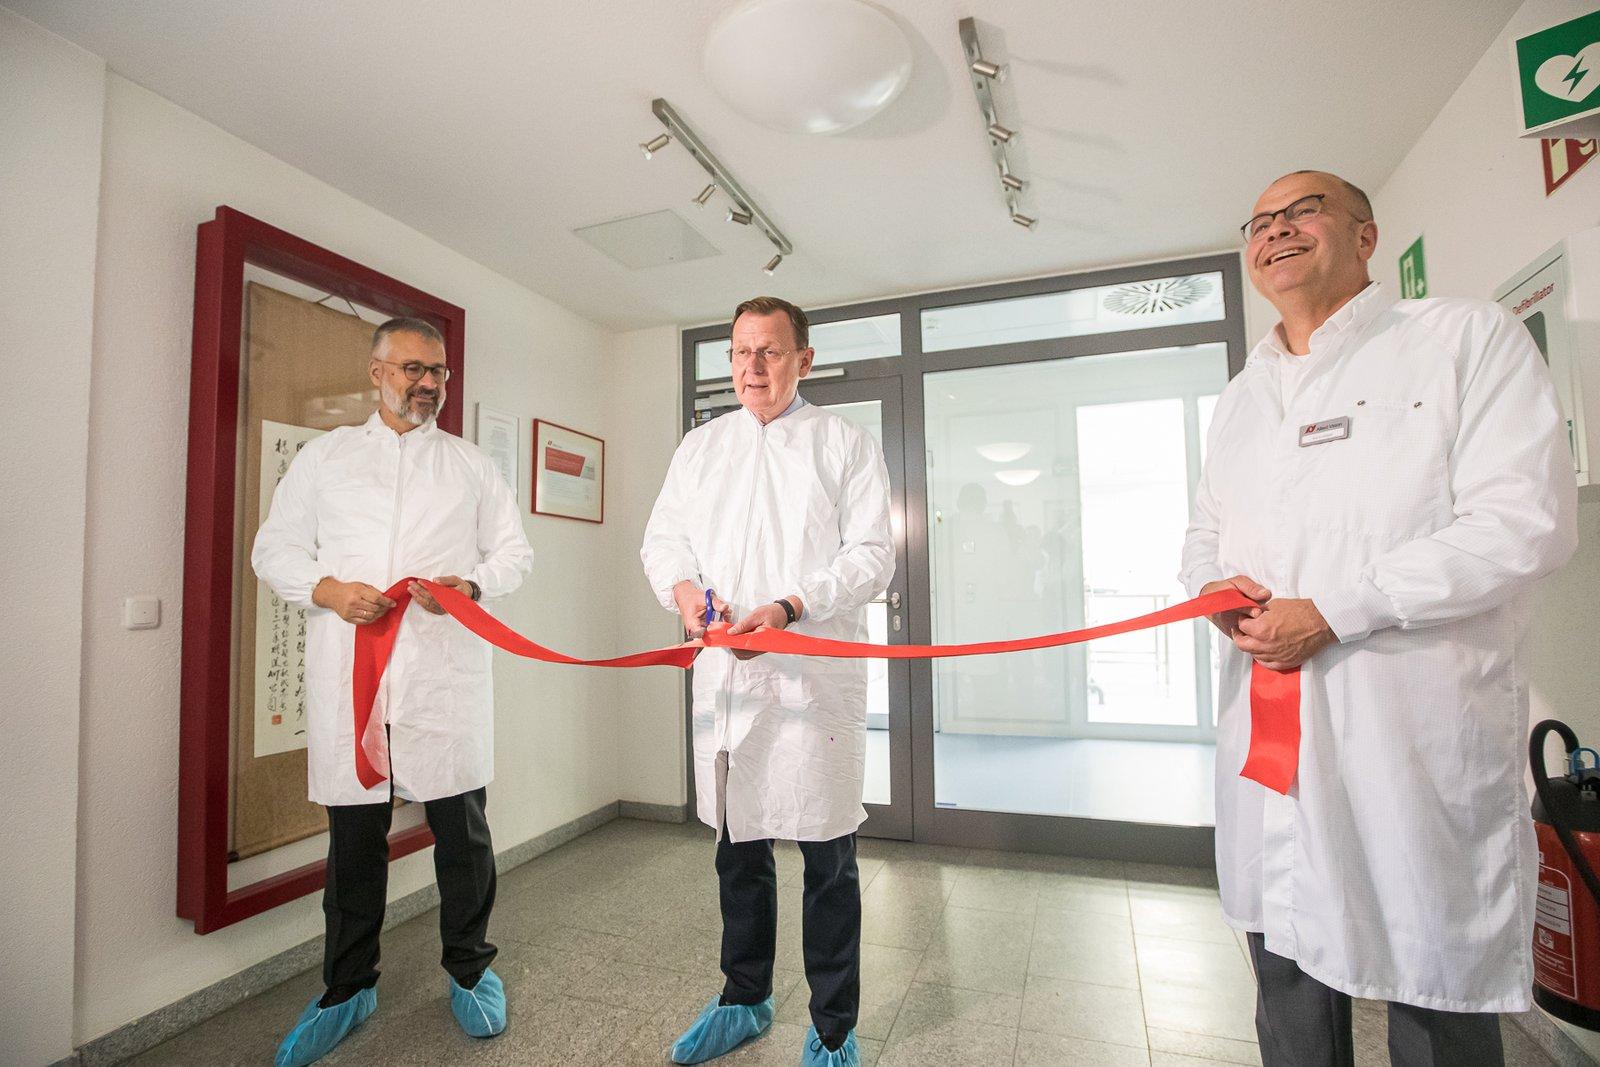 Thuringia Prime Minister Bodo Ramelow inaugurates Allied Vision facility in Stadtroda